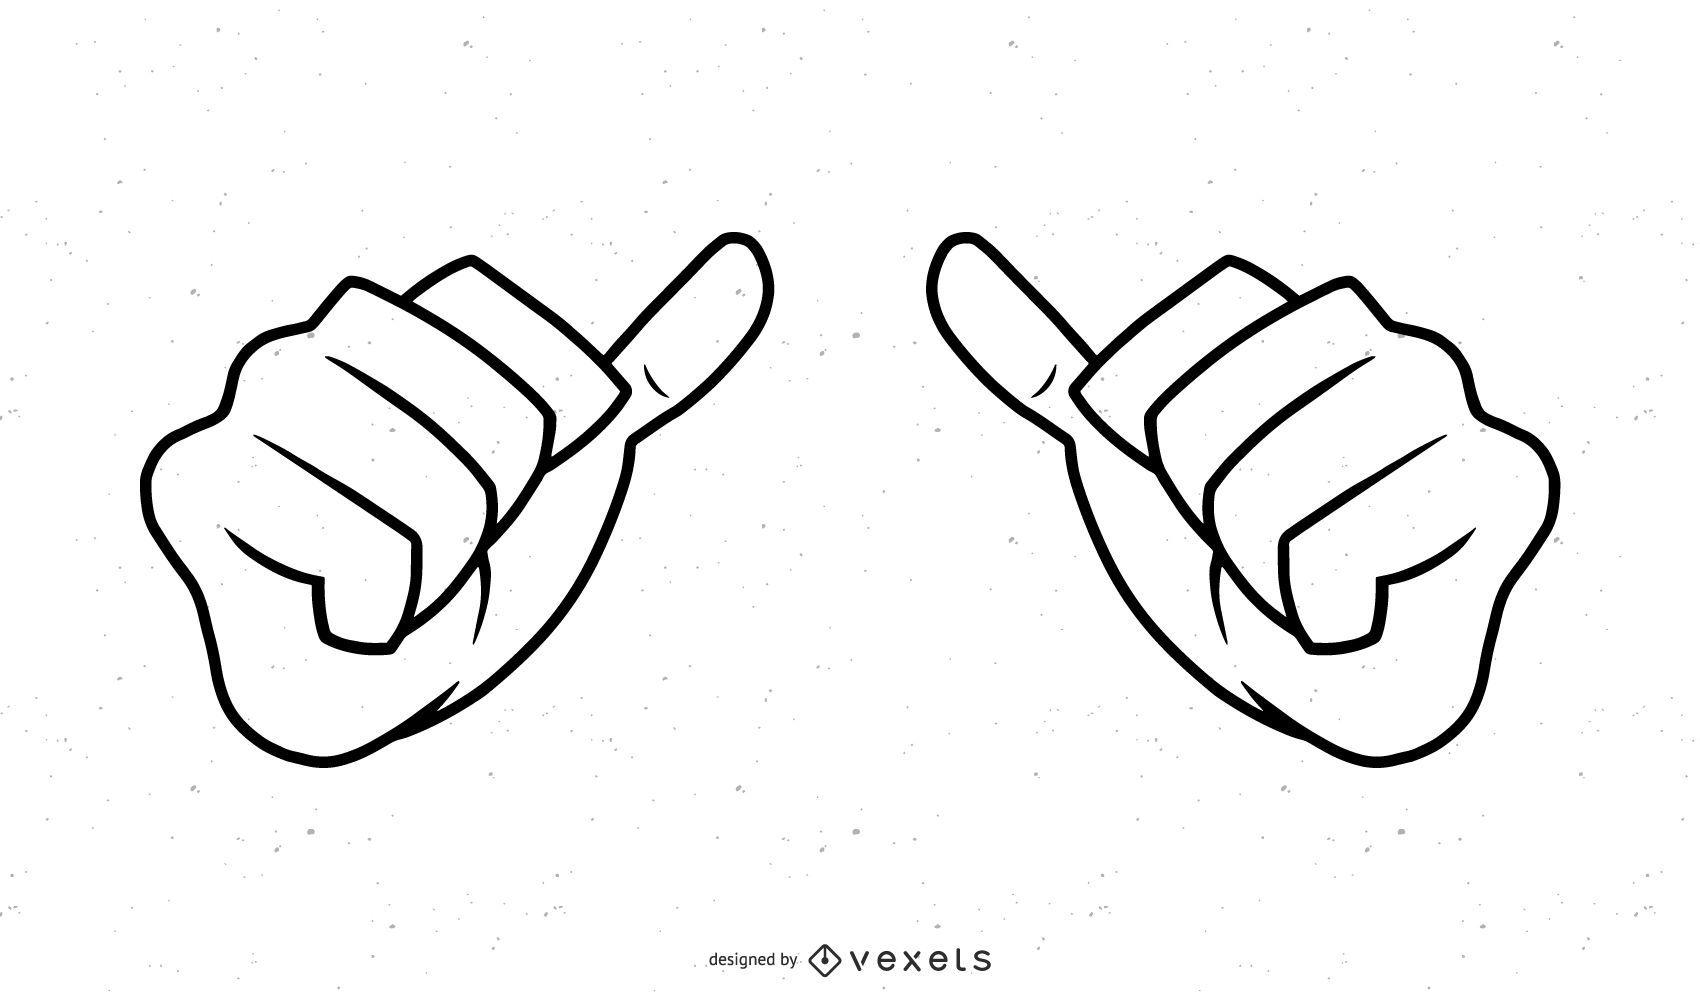 Ilustraci?n de trazo de manos